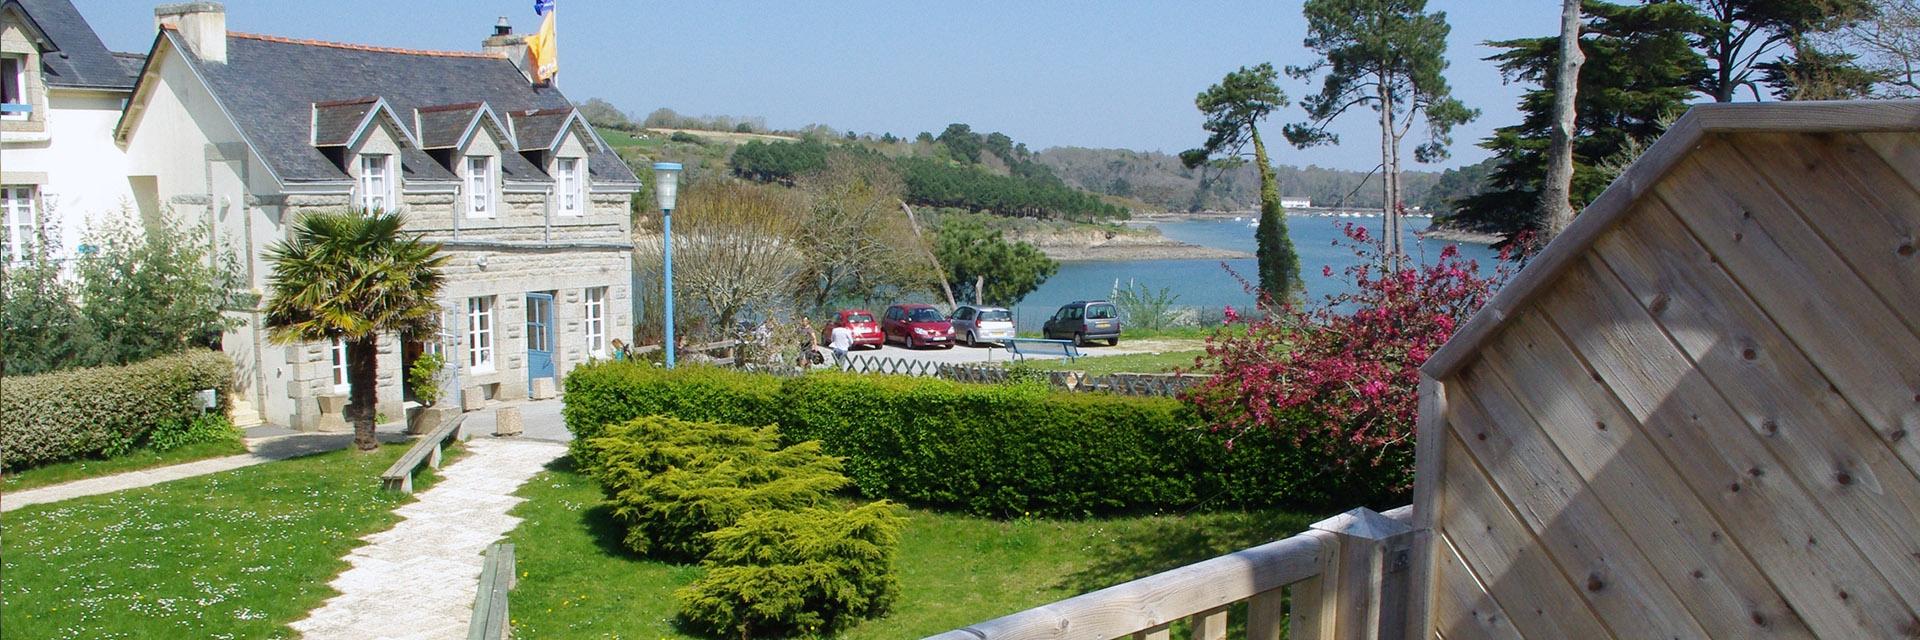 Les Avens de la Bretagne Sud - Domaine de Beg Porz